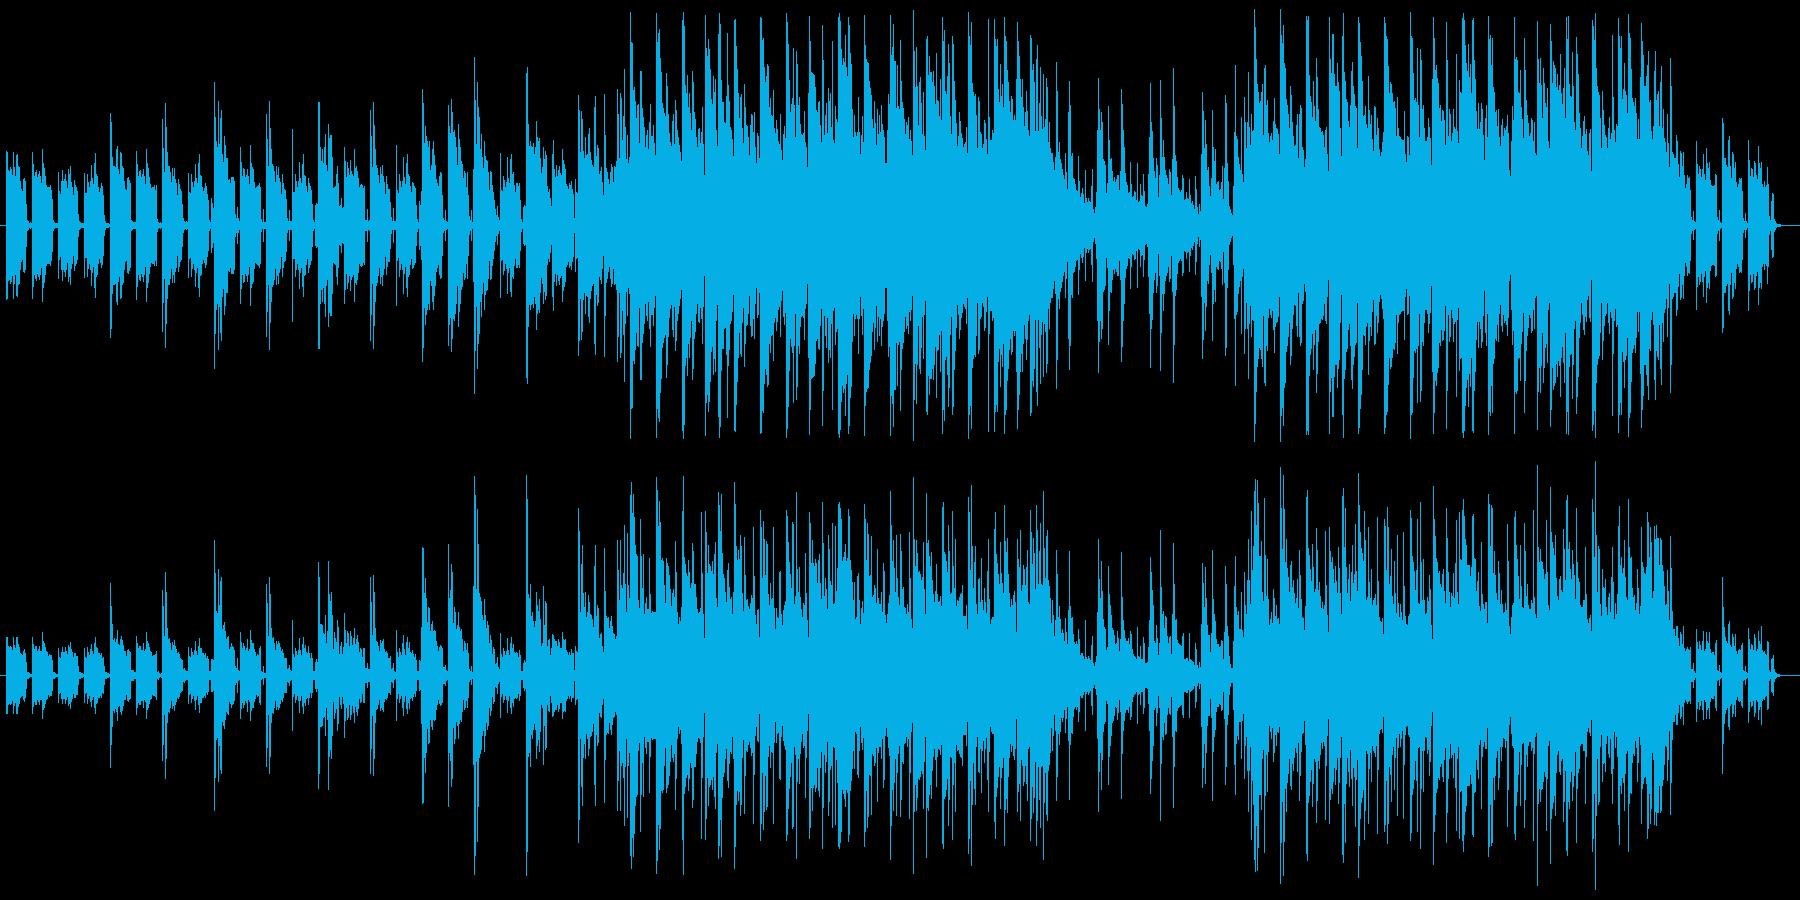 癒しのアコースティックギターサウンドの再生済みの波形